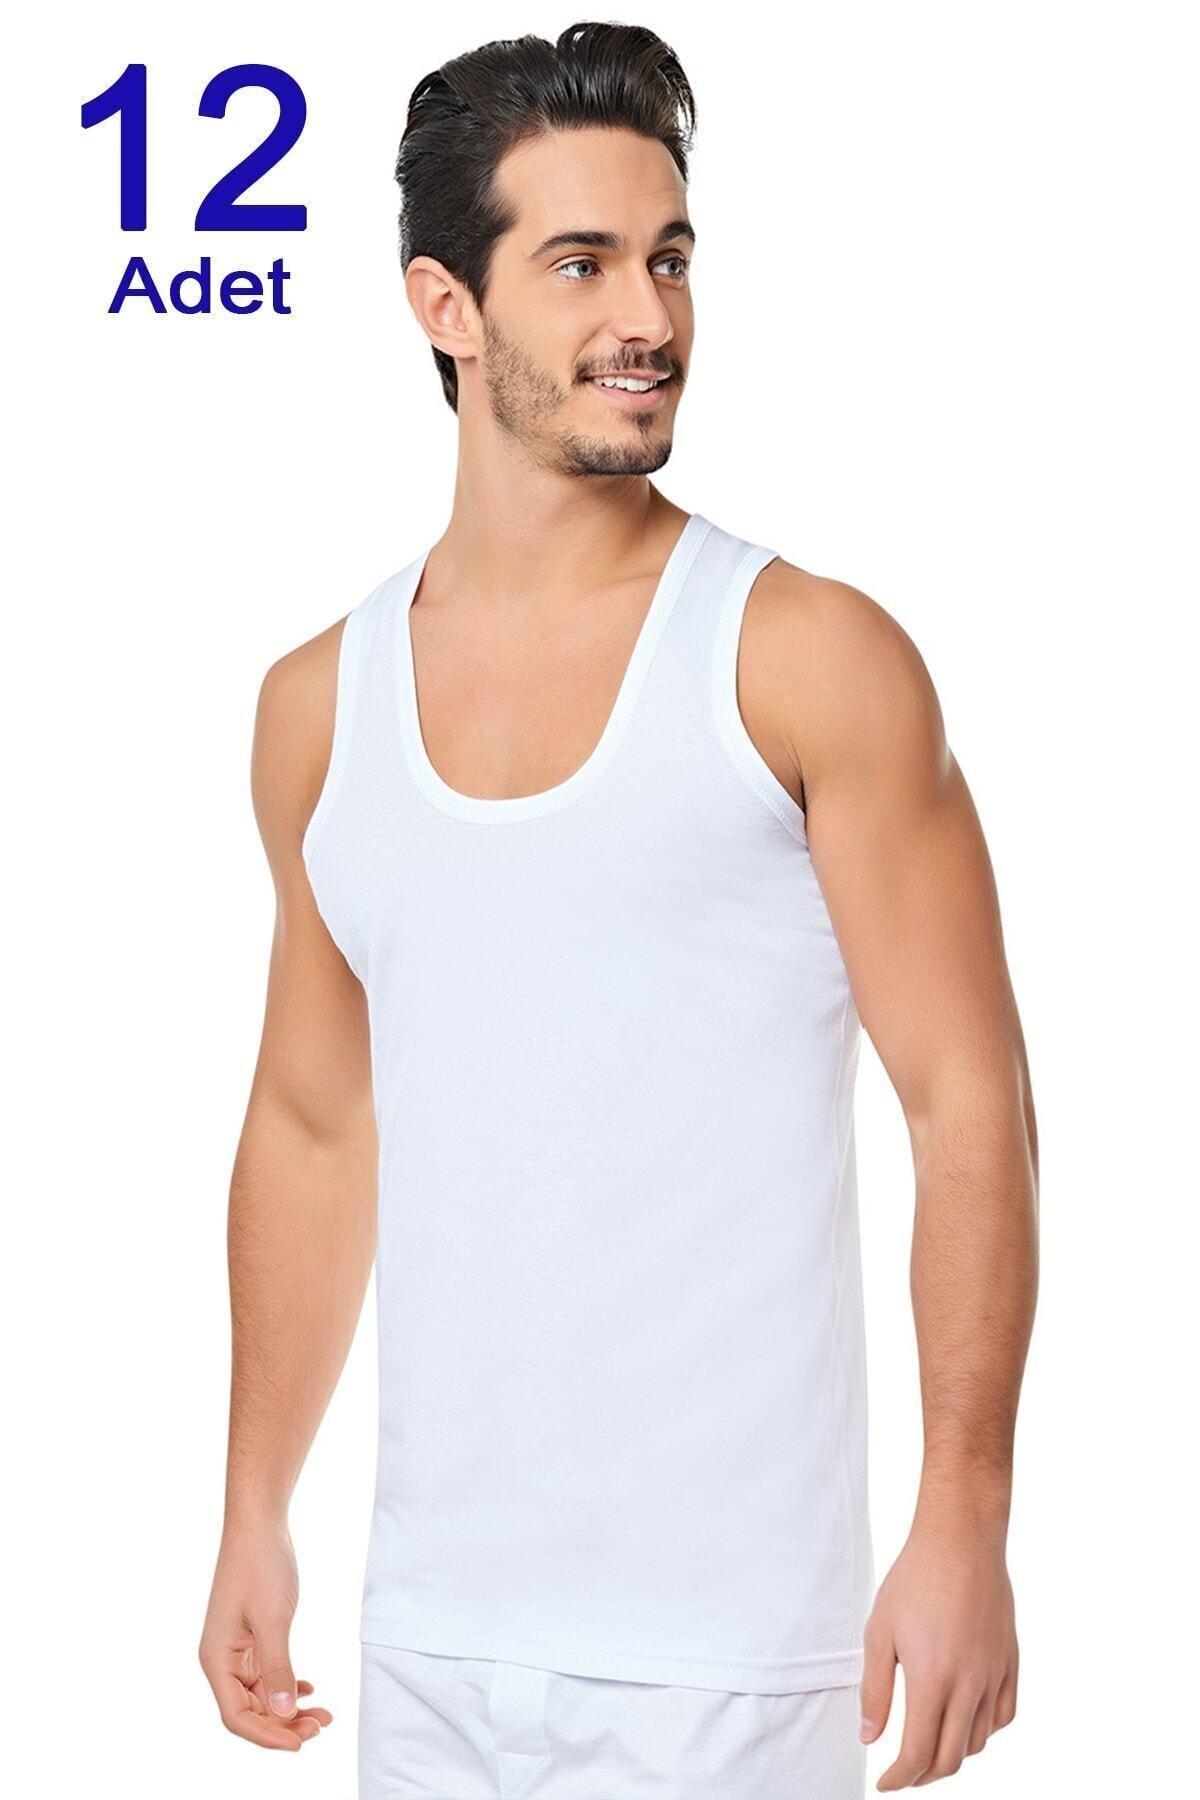 Yıldız Erkek Penye Atlet 12 Adet Beyaz 0001